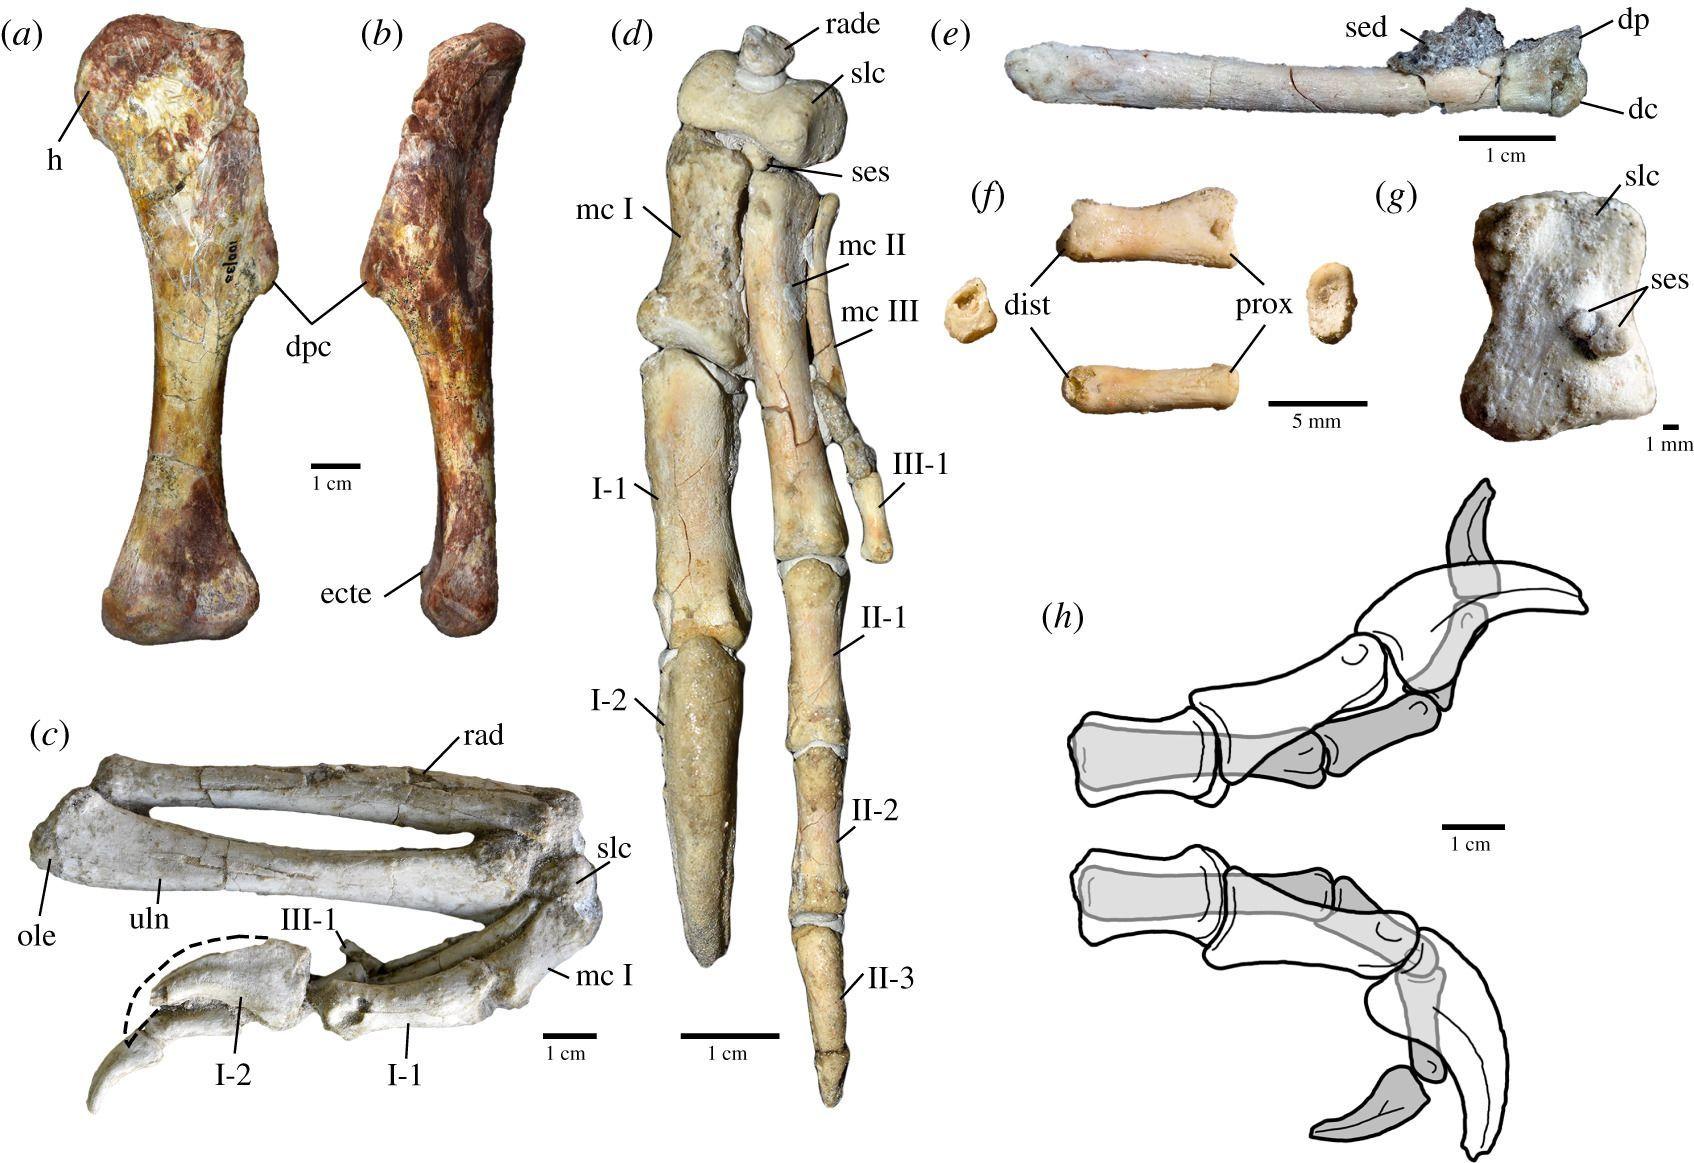 指の数が減る進化を示すオビラプトル類の新種化石論文_c0025115_22233513.jpg